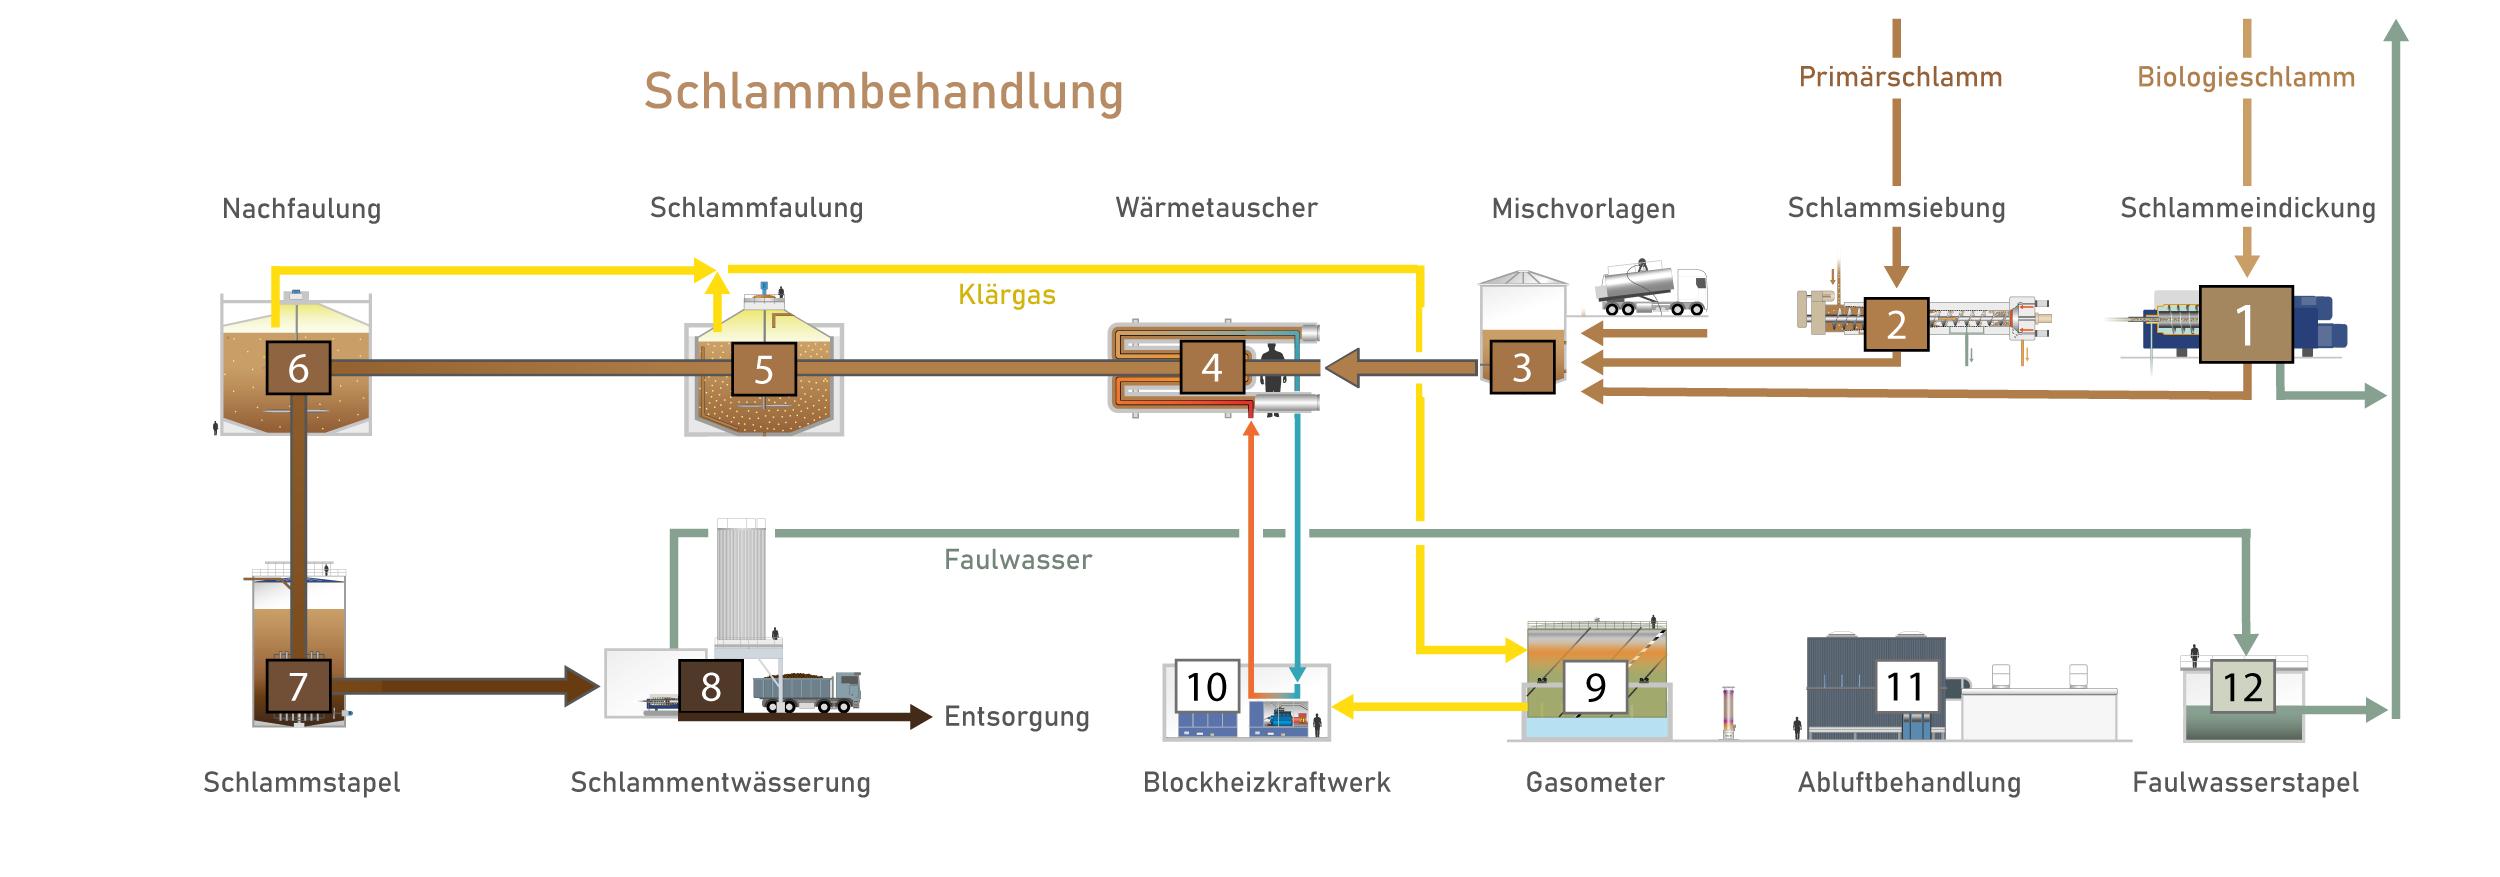 fliessschema-ara-worblental_schlammbehandlung